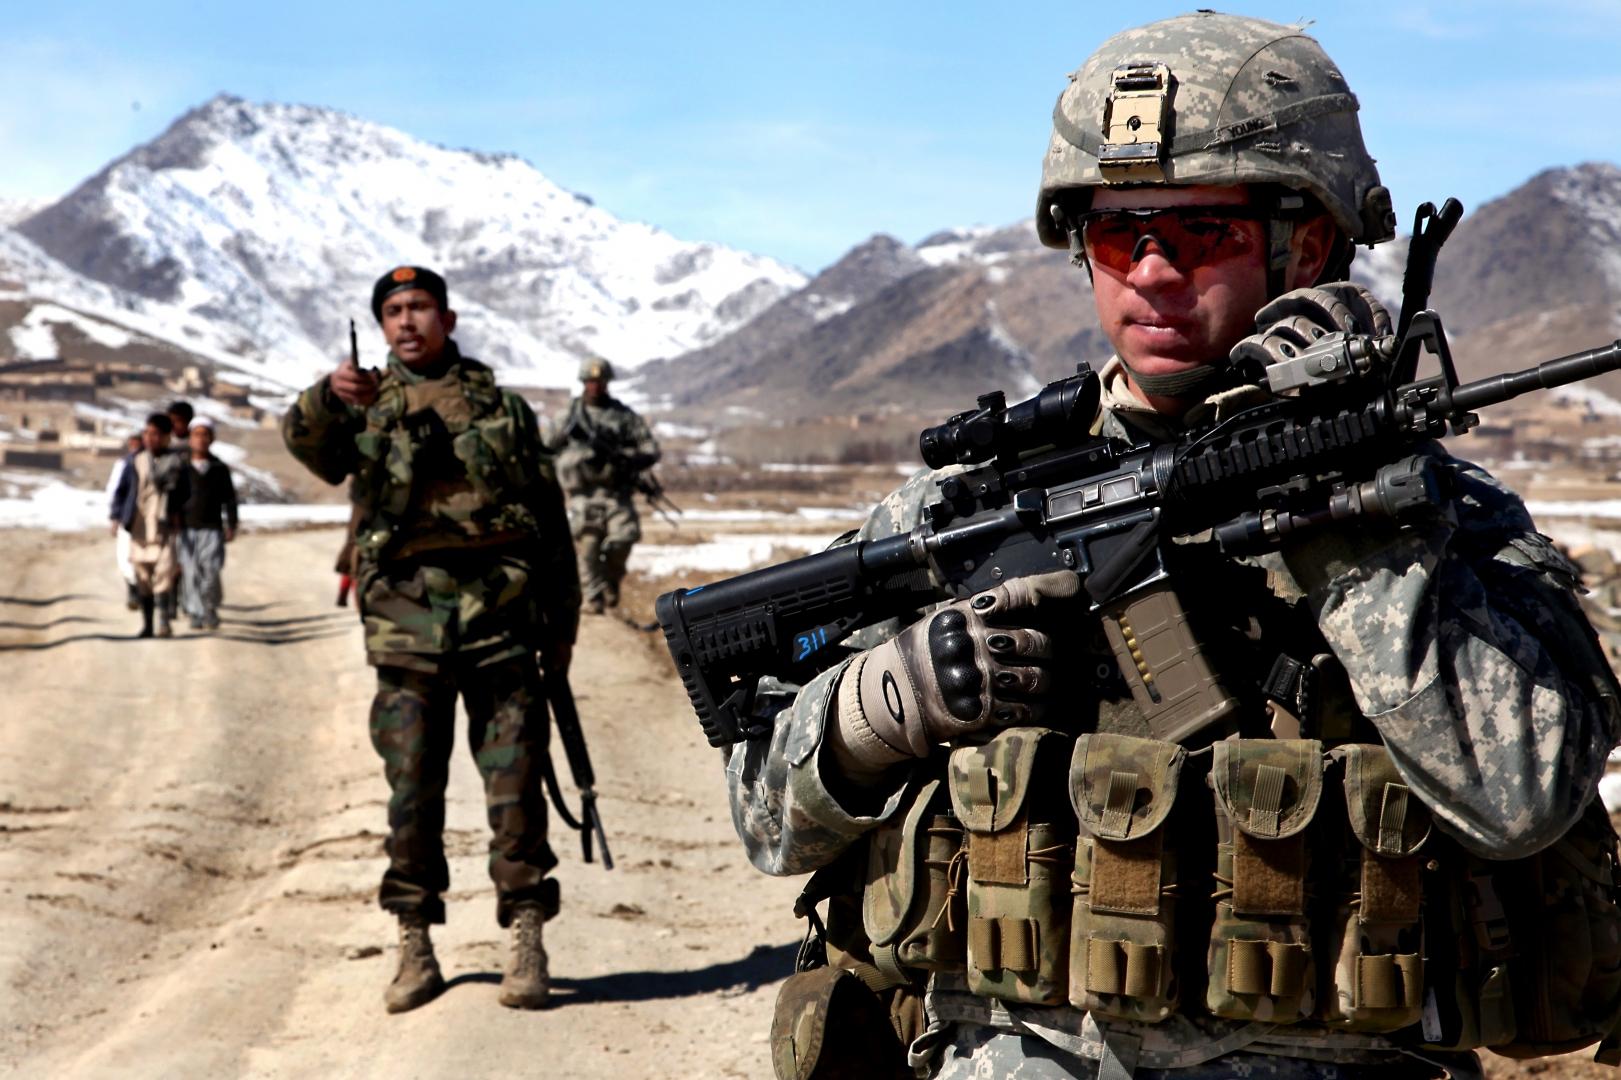 картинки сша и афганистана интерьере также